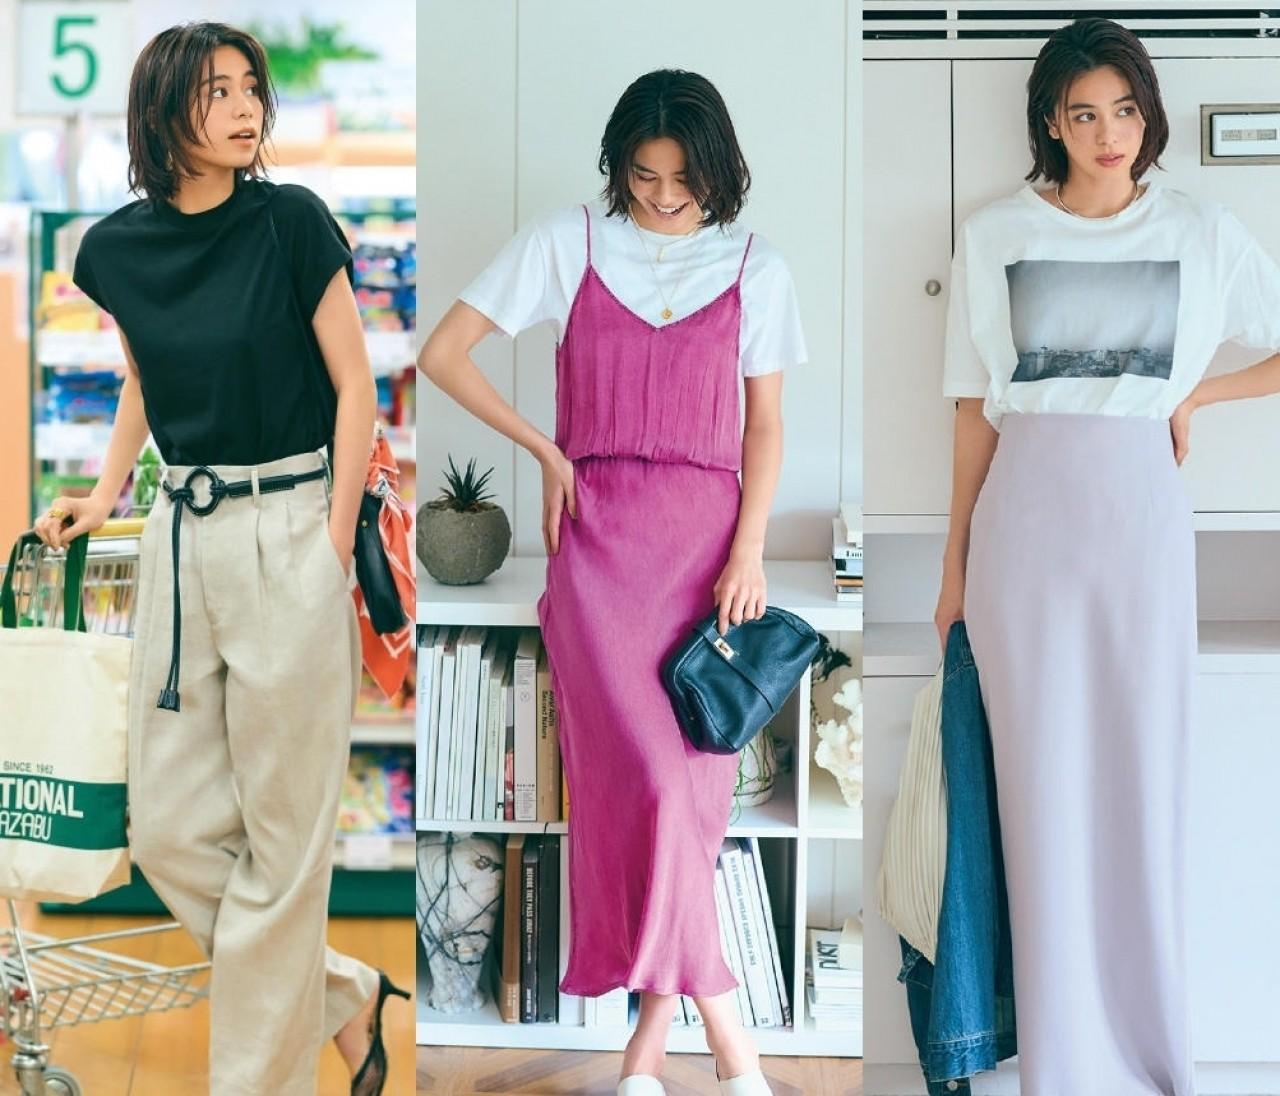 【大人のTシャツコーデ20選】白T・黒T・フォトTで今っぽく、女っぽく!